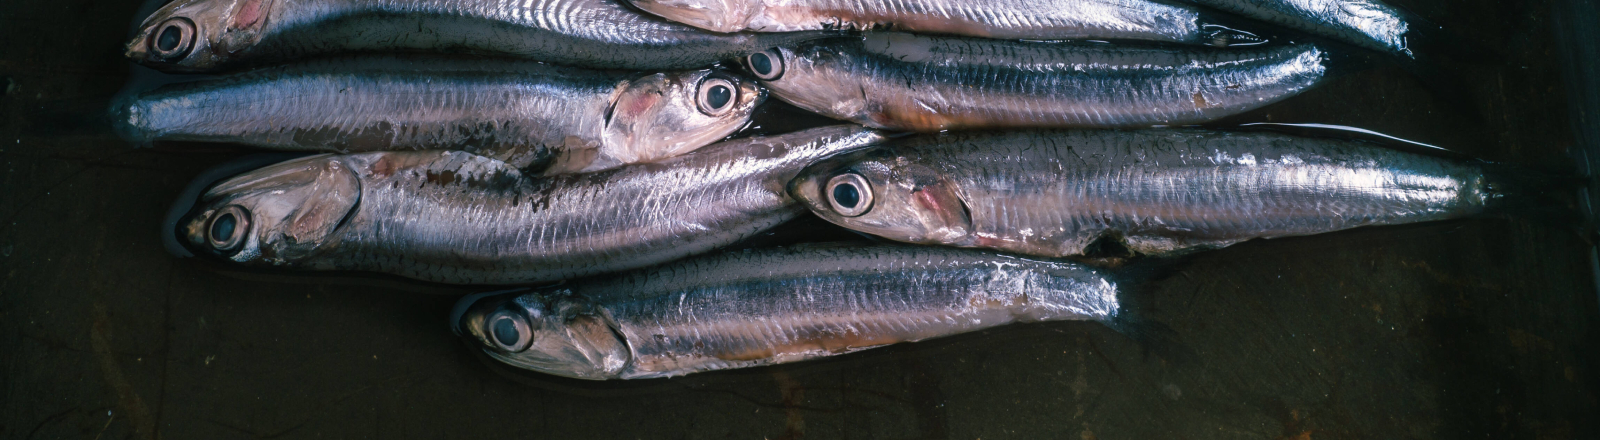 Diese Fischart breitet sich in der Nordsee aus: Sardellen, auch als Anchovis bekannt